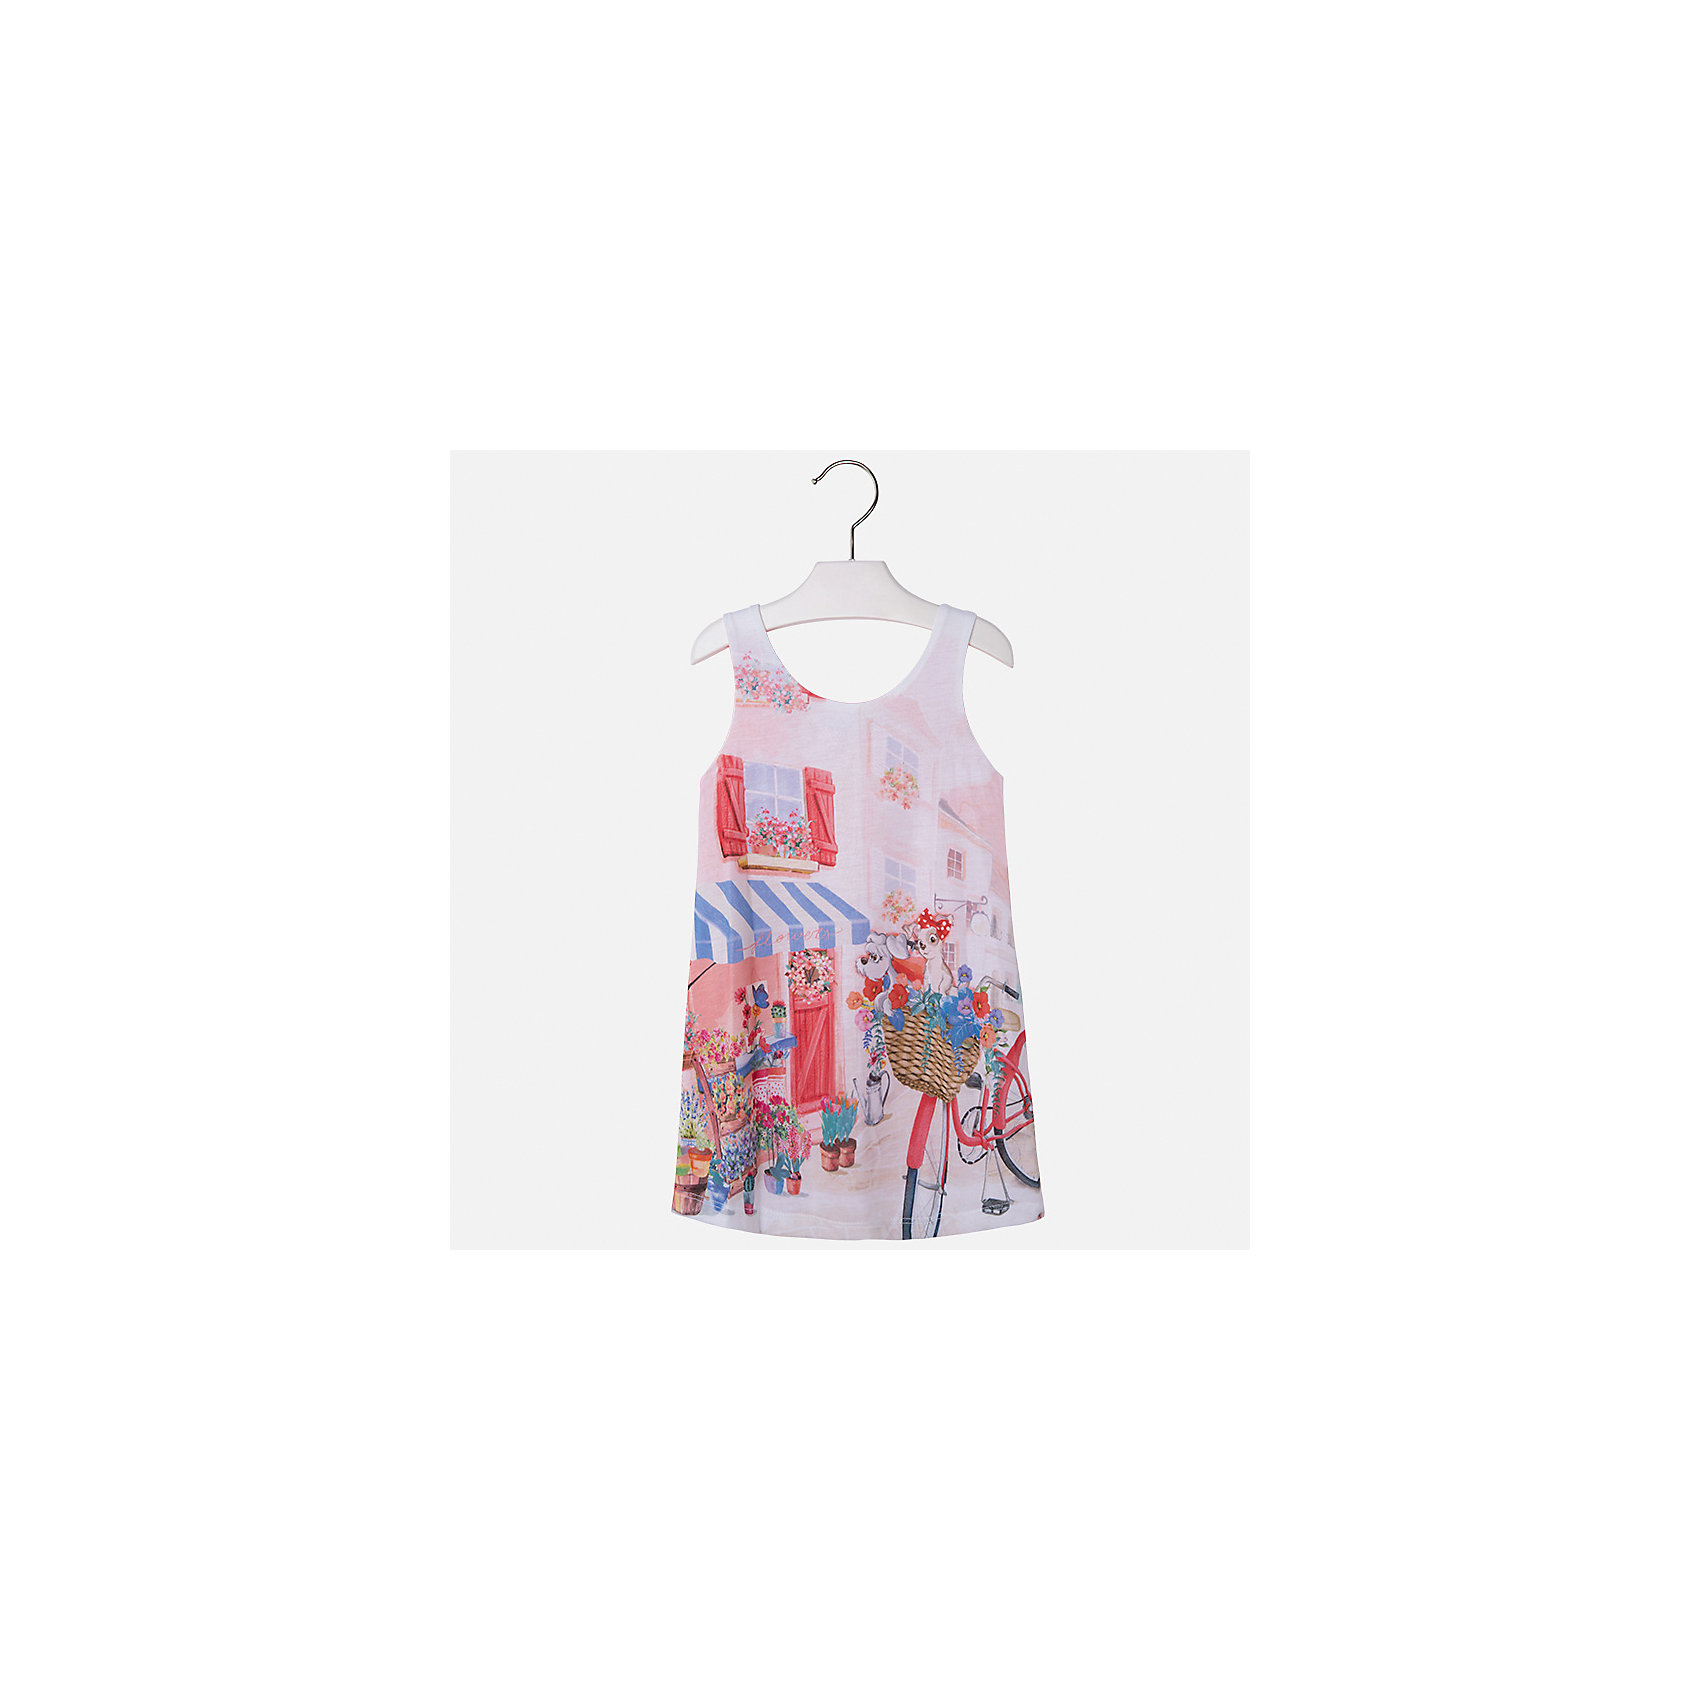 Платье для девочки MayoralЛетние платья и сарафаны<br>Характеристики товара:<br><br>• цвет: мультиколор<br>• состав: 92% хлопок, 8% эластан, подкладка - 100% полиэстер<br>• без застежки<br>• принт<br>• без рукавов<br>• с подкладкой<br>• страна бренда: Испания<br><br>Модное красивое платье для девочки поможет разнообразить гардероб ребенка и создать эффектный наряд. Оно отлично подойдет для различных случаев. Красивый оттенок позволяет подобрать к вещи обувь разных расцветок. Платье хорошо сидит по фигуре. . В составе материала - натуральный хлопок, гипоаллергенный, приятный на ощупь, дышащий.<br><br>Одежда, обувь и аксессуары от испанского бренда Mayoral полюбились детям и взрослым по всему миру. Модели этой марки - стильные и удобные. Для их производства используются только безопасные, качественные материалы и фурнитура. Порадуйте ребенка модными и красивыми вещами от Mayoral! <br><br>Платье для девочки от испанского бренда Mayoral (Майорал) можно купить в нашем интернет-магазине.<br><br>Ширина мм: 236<br>Глубина мм: 16<br>Высота мм: 184<br>Вес г: 177<br>Цвет: красный<br>Возраст от месяцев: 48<br>Возраст до месяцев: 60<br>Пол: Женский<br>Возраст: Детский<br>Размер: 110,116,98,134,104,128,122<br>SKU: 4071677